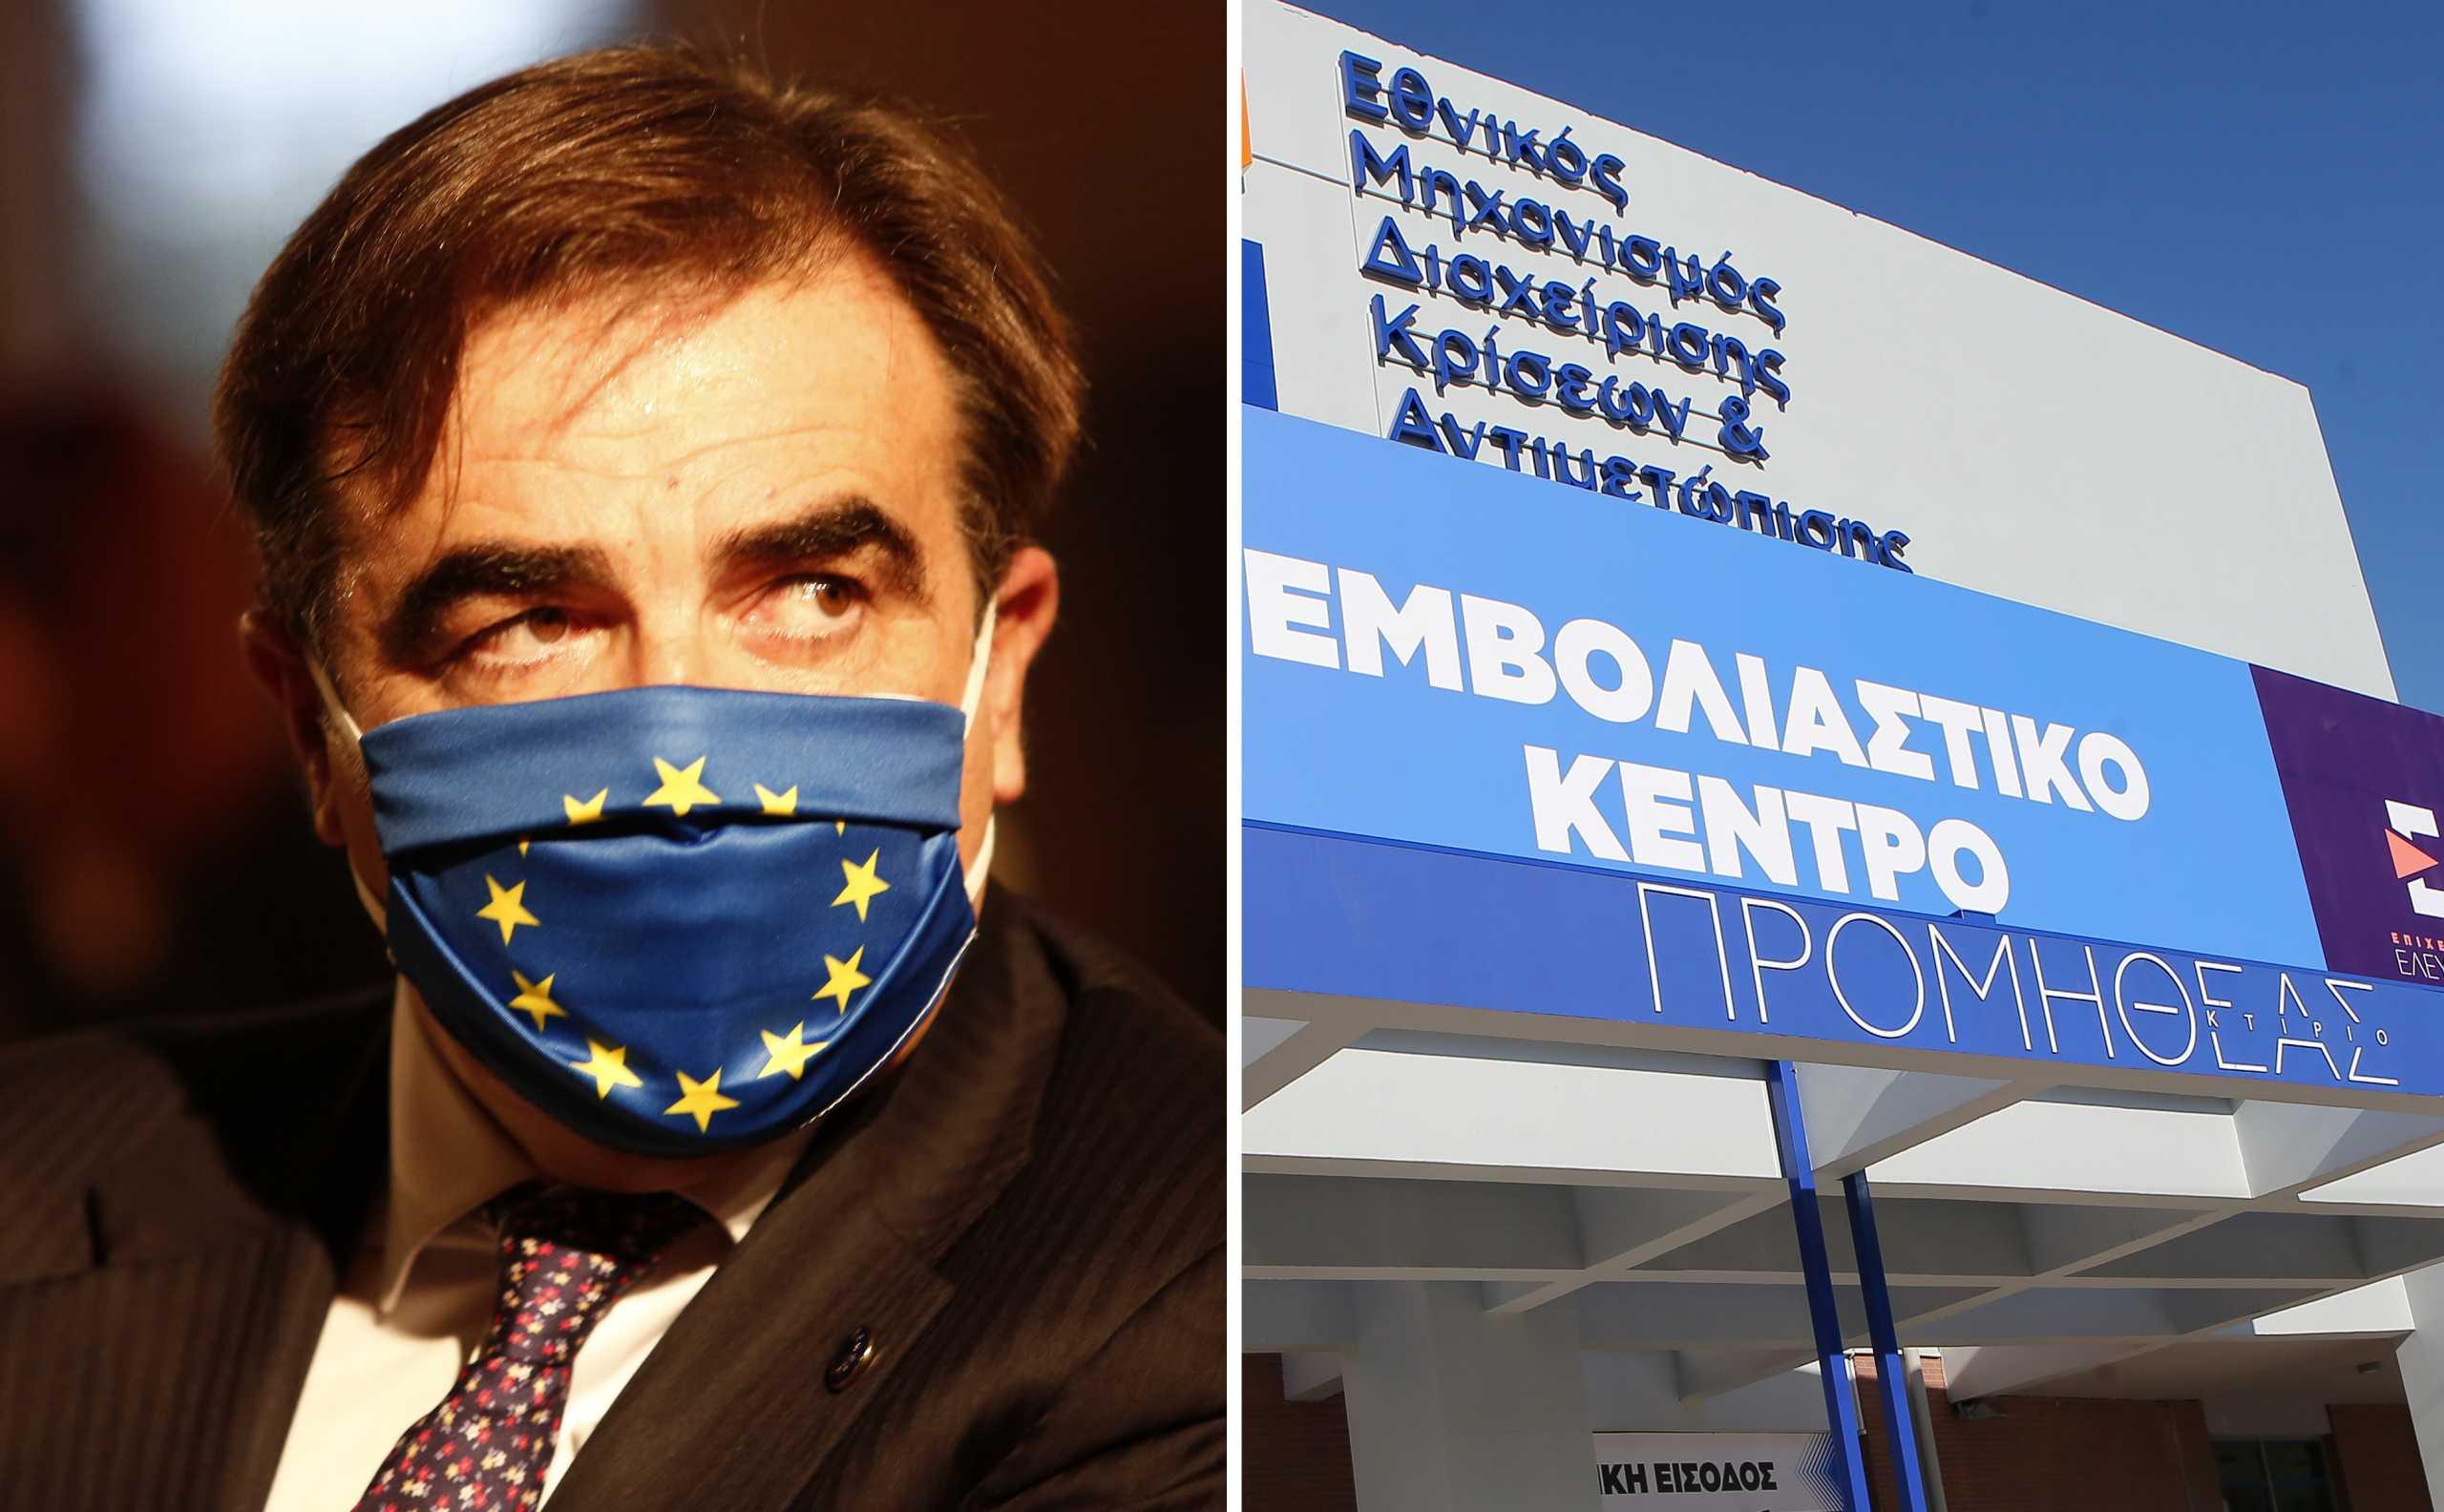 Στον «Προμηθέα» ο Μαργαρίτης Σχοινάς: «Ήξερα ότι η Ελλάδα είναι πρωταθλητής Ευρώπης στον εμβολιασμό και τώρα βλέπω γιατί»